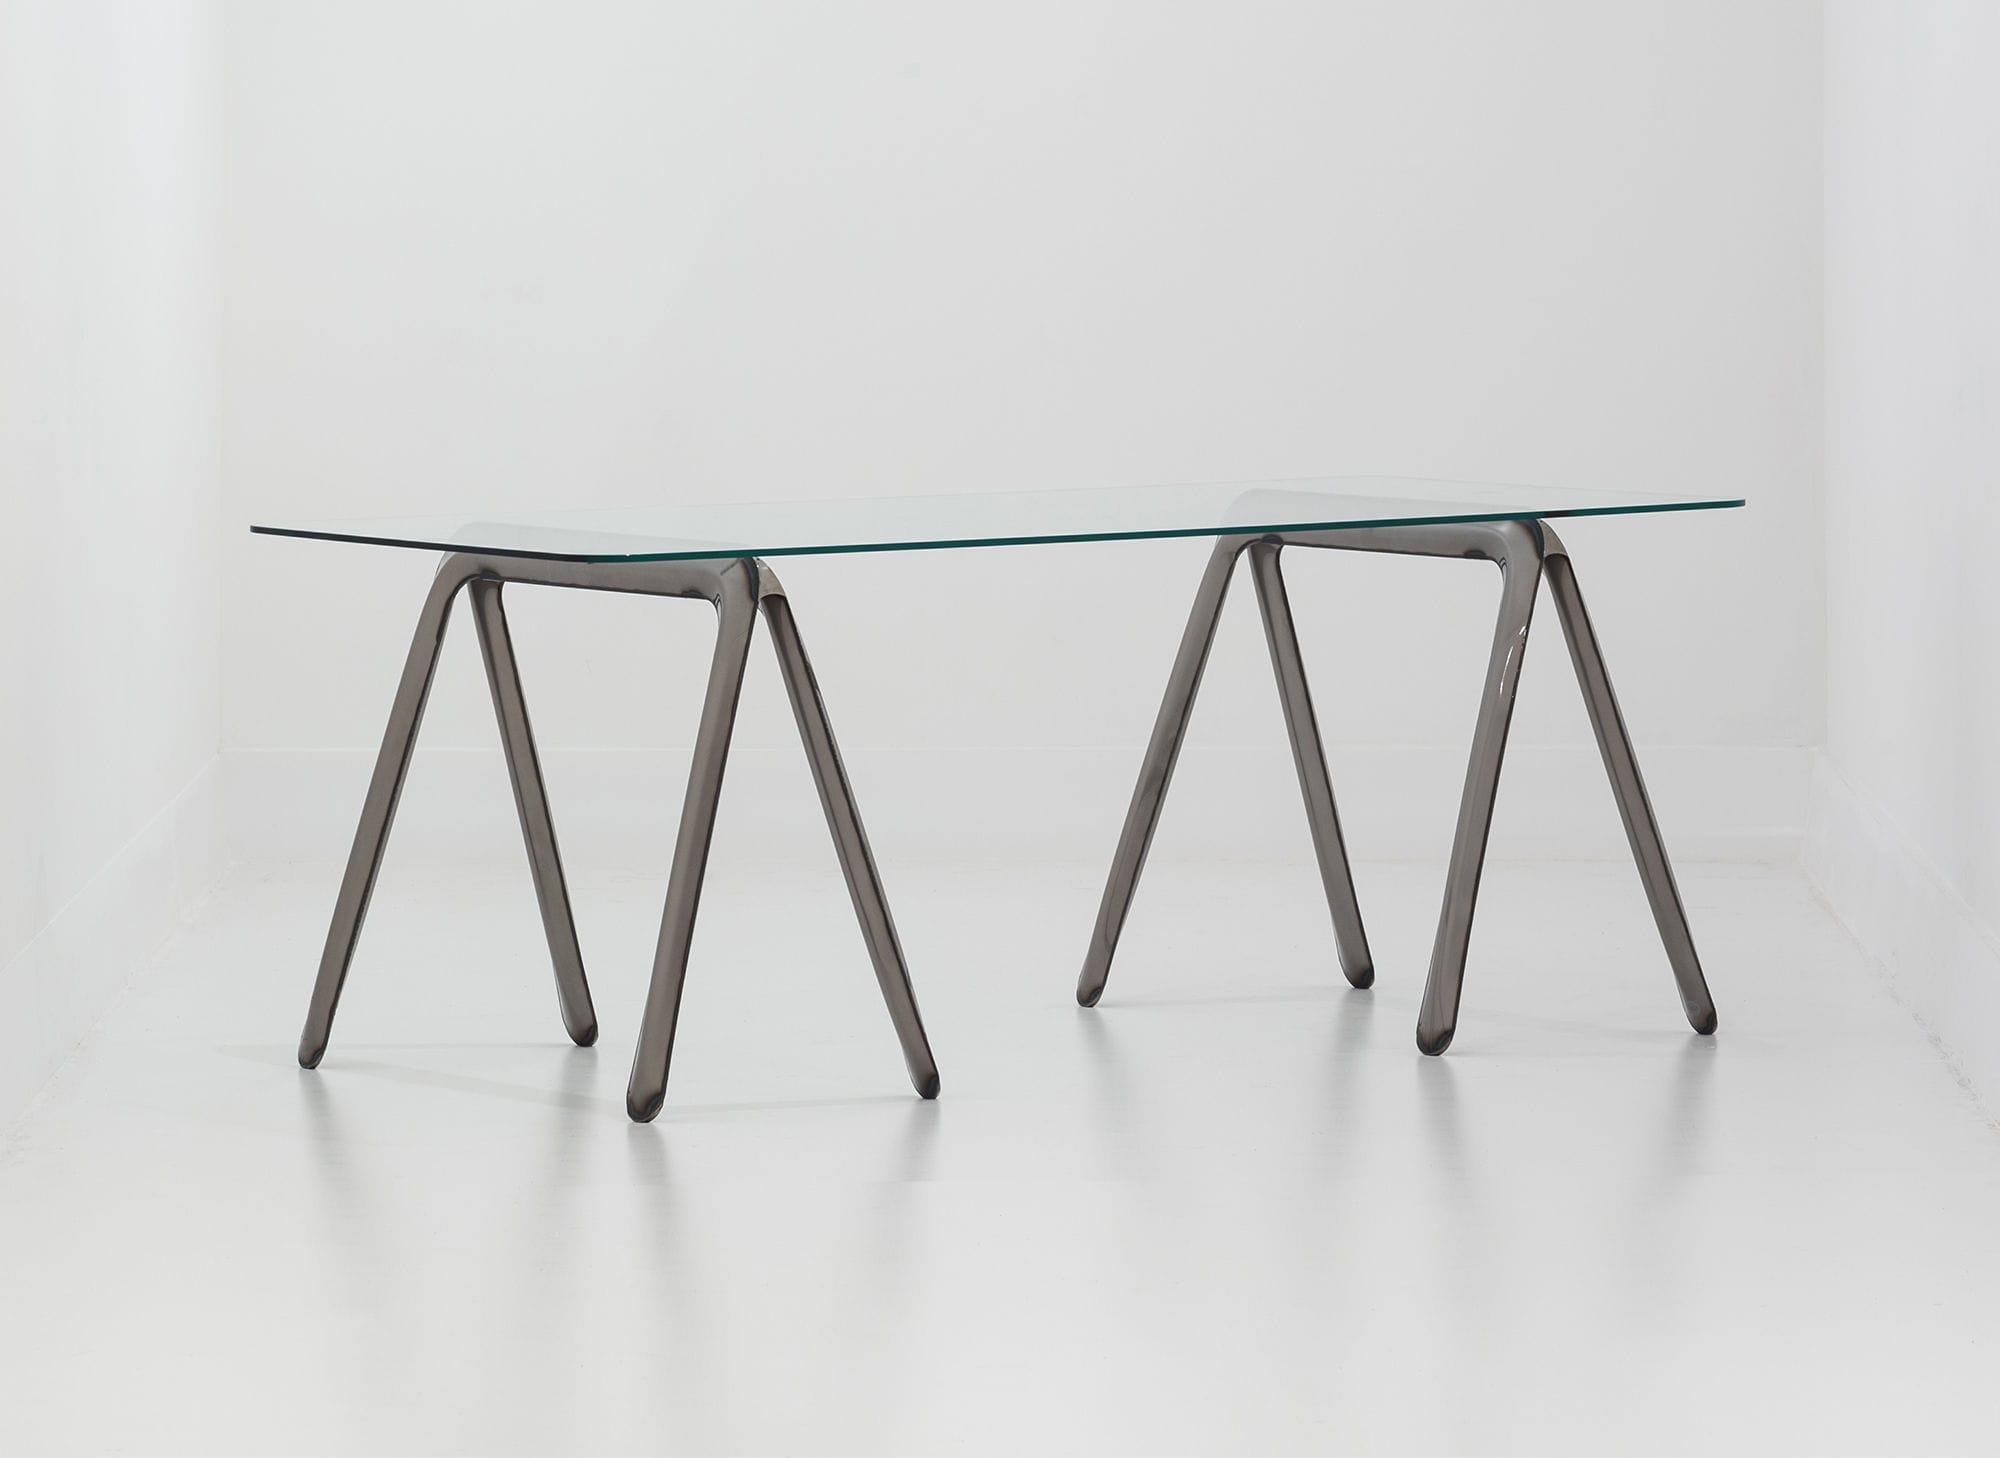 Cavalletto per tavoli in acciaio - KOZA - ZIETA - Video